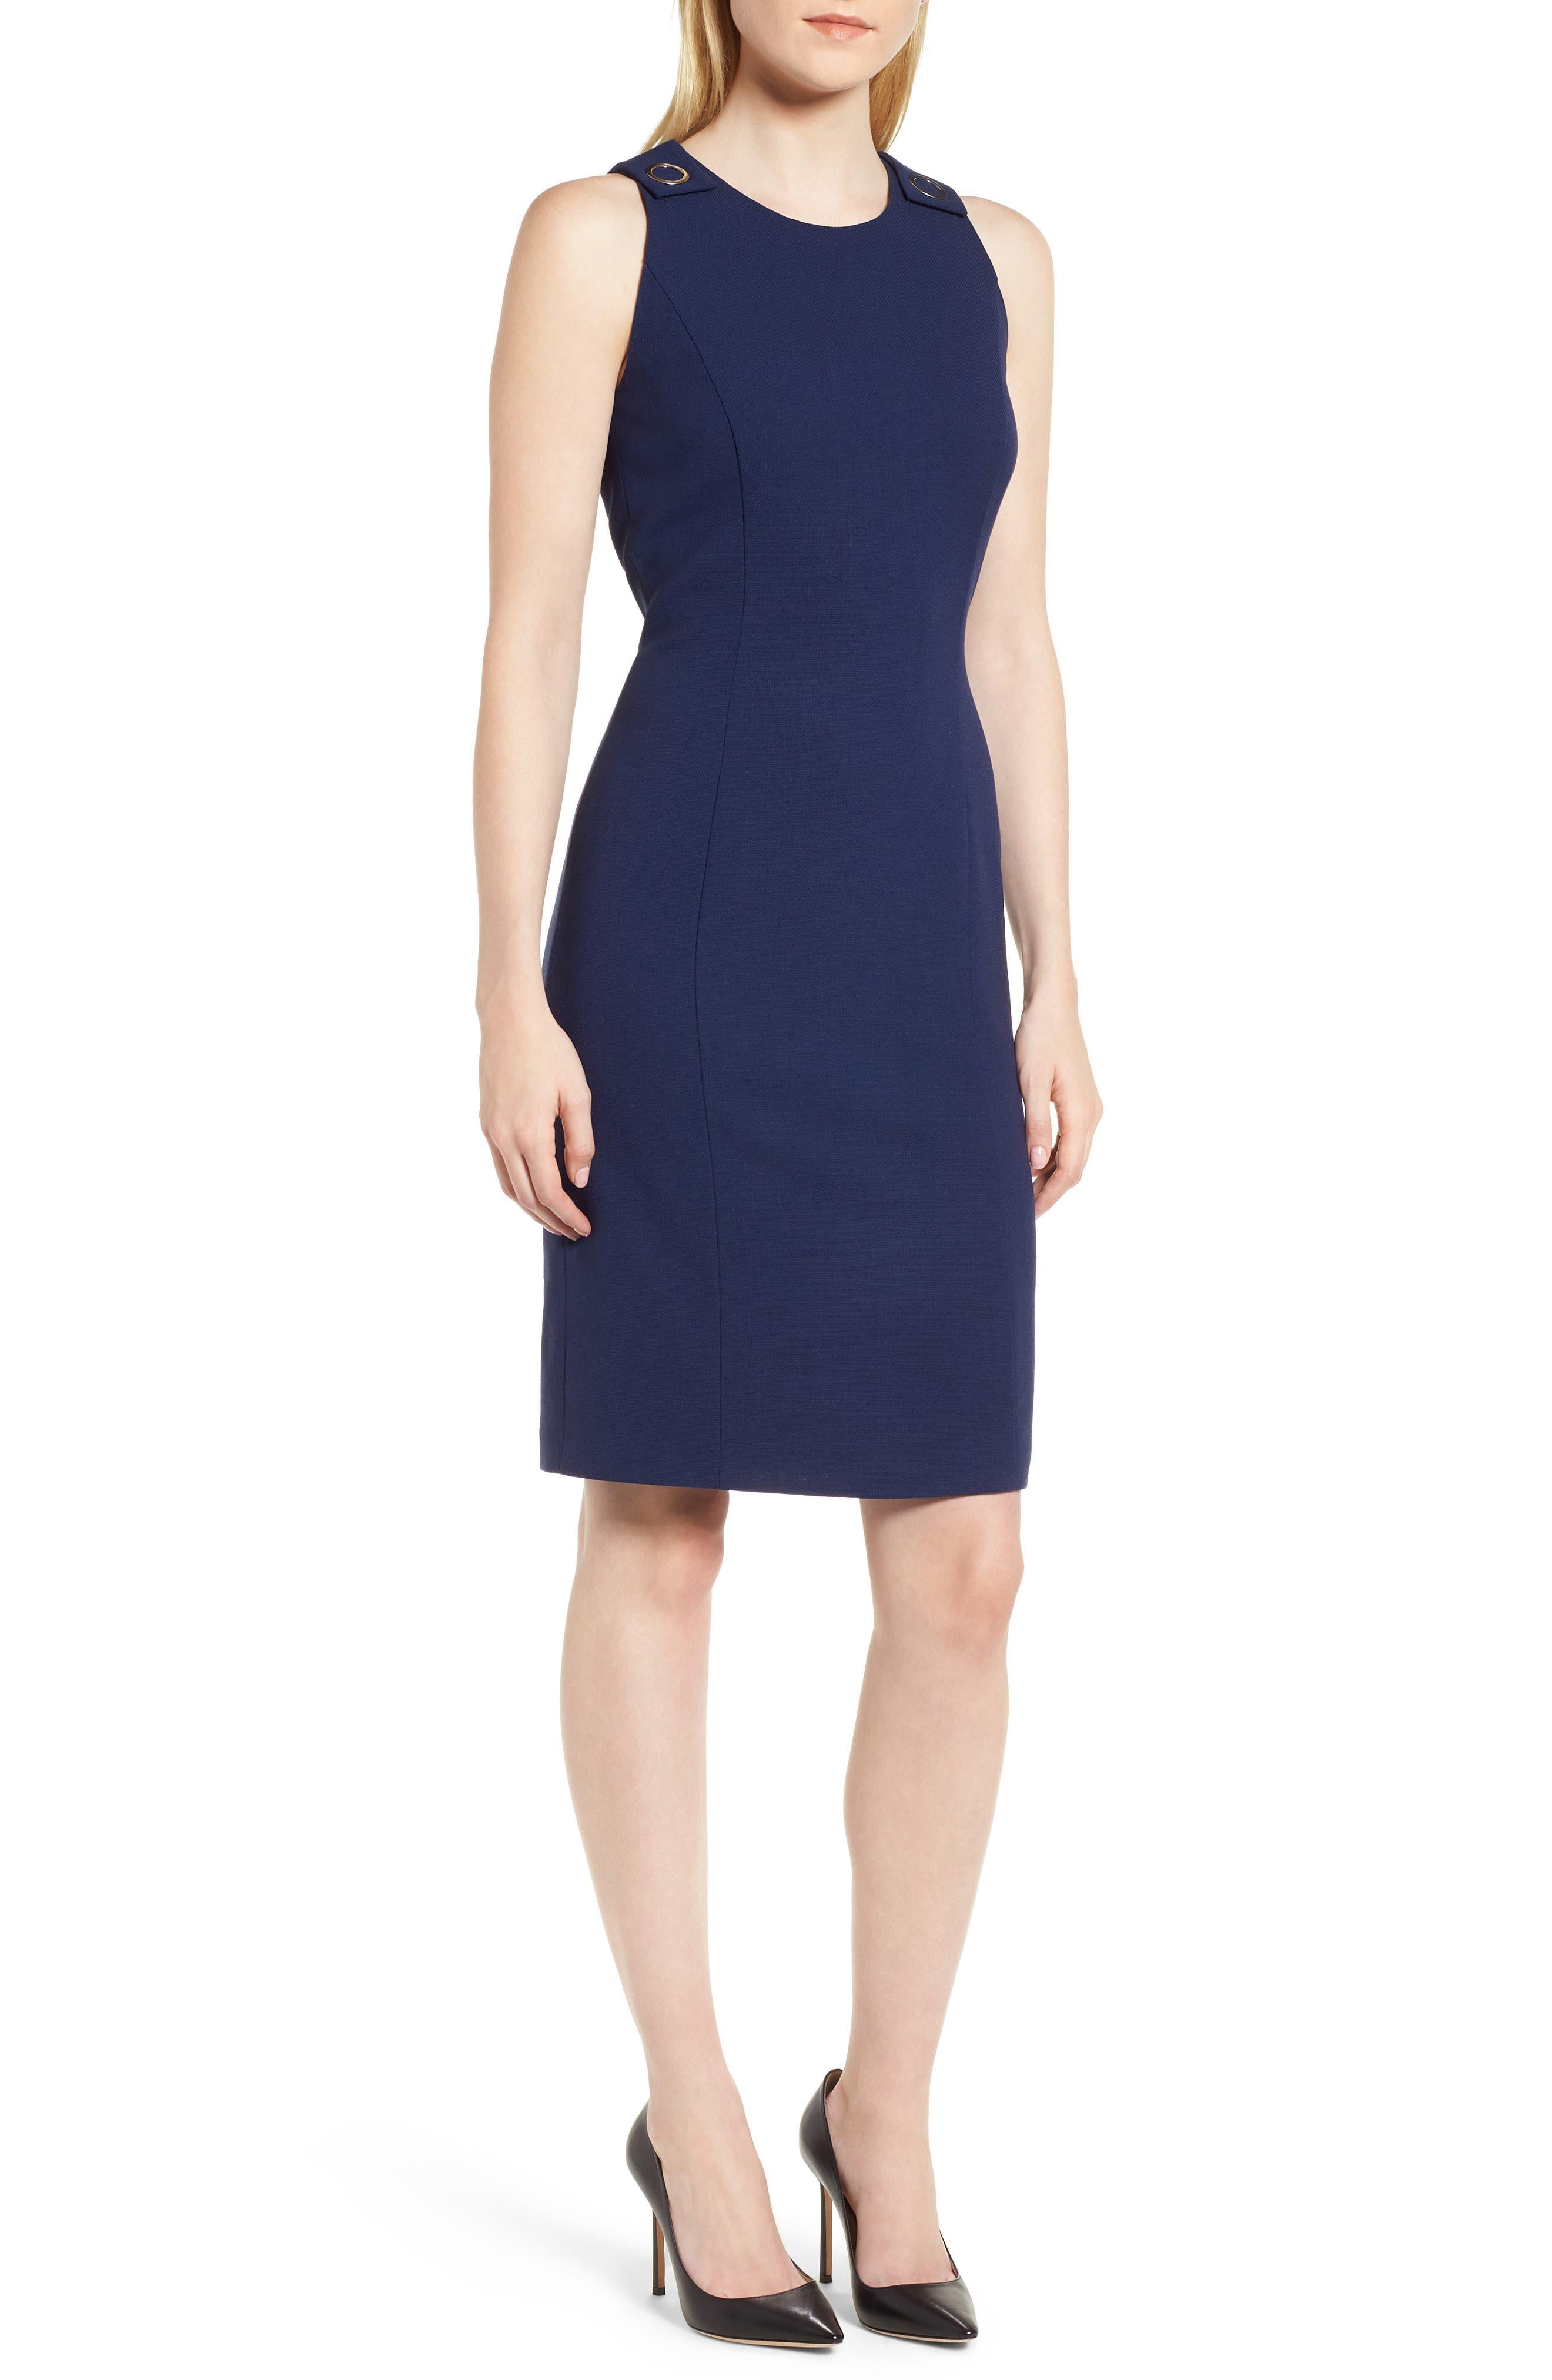 Dibalena Texture Stretch Dress,                         Main,                         color, 425